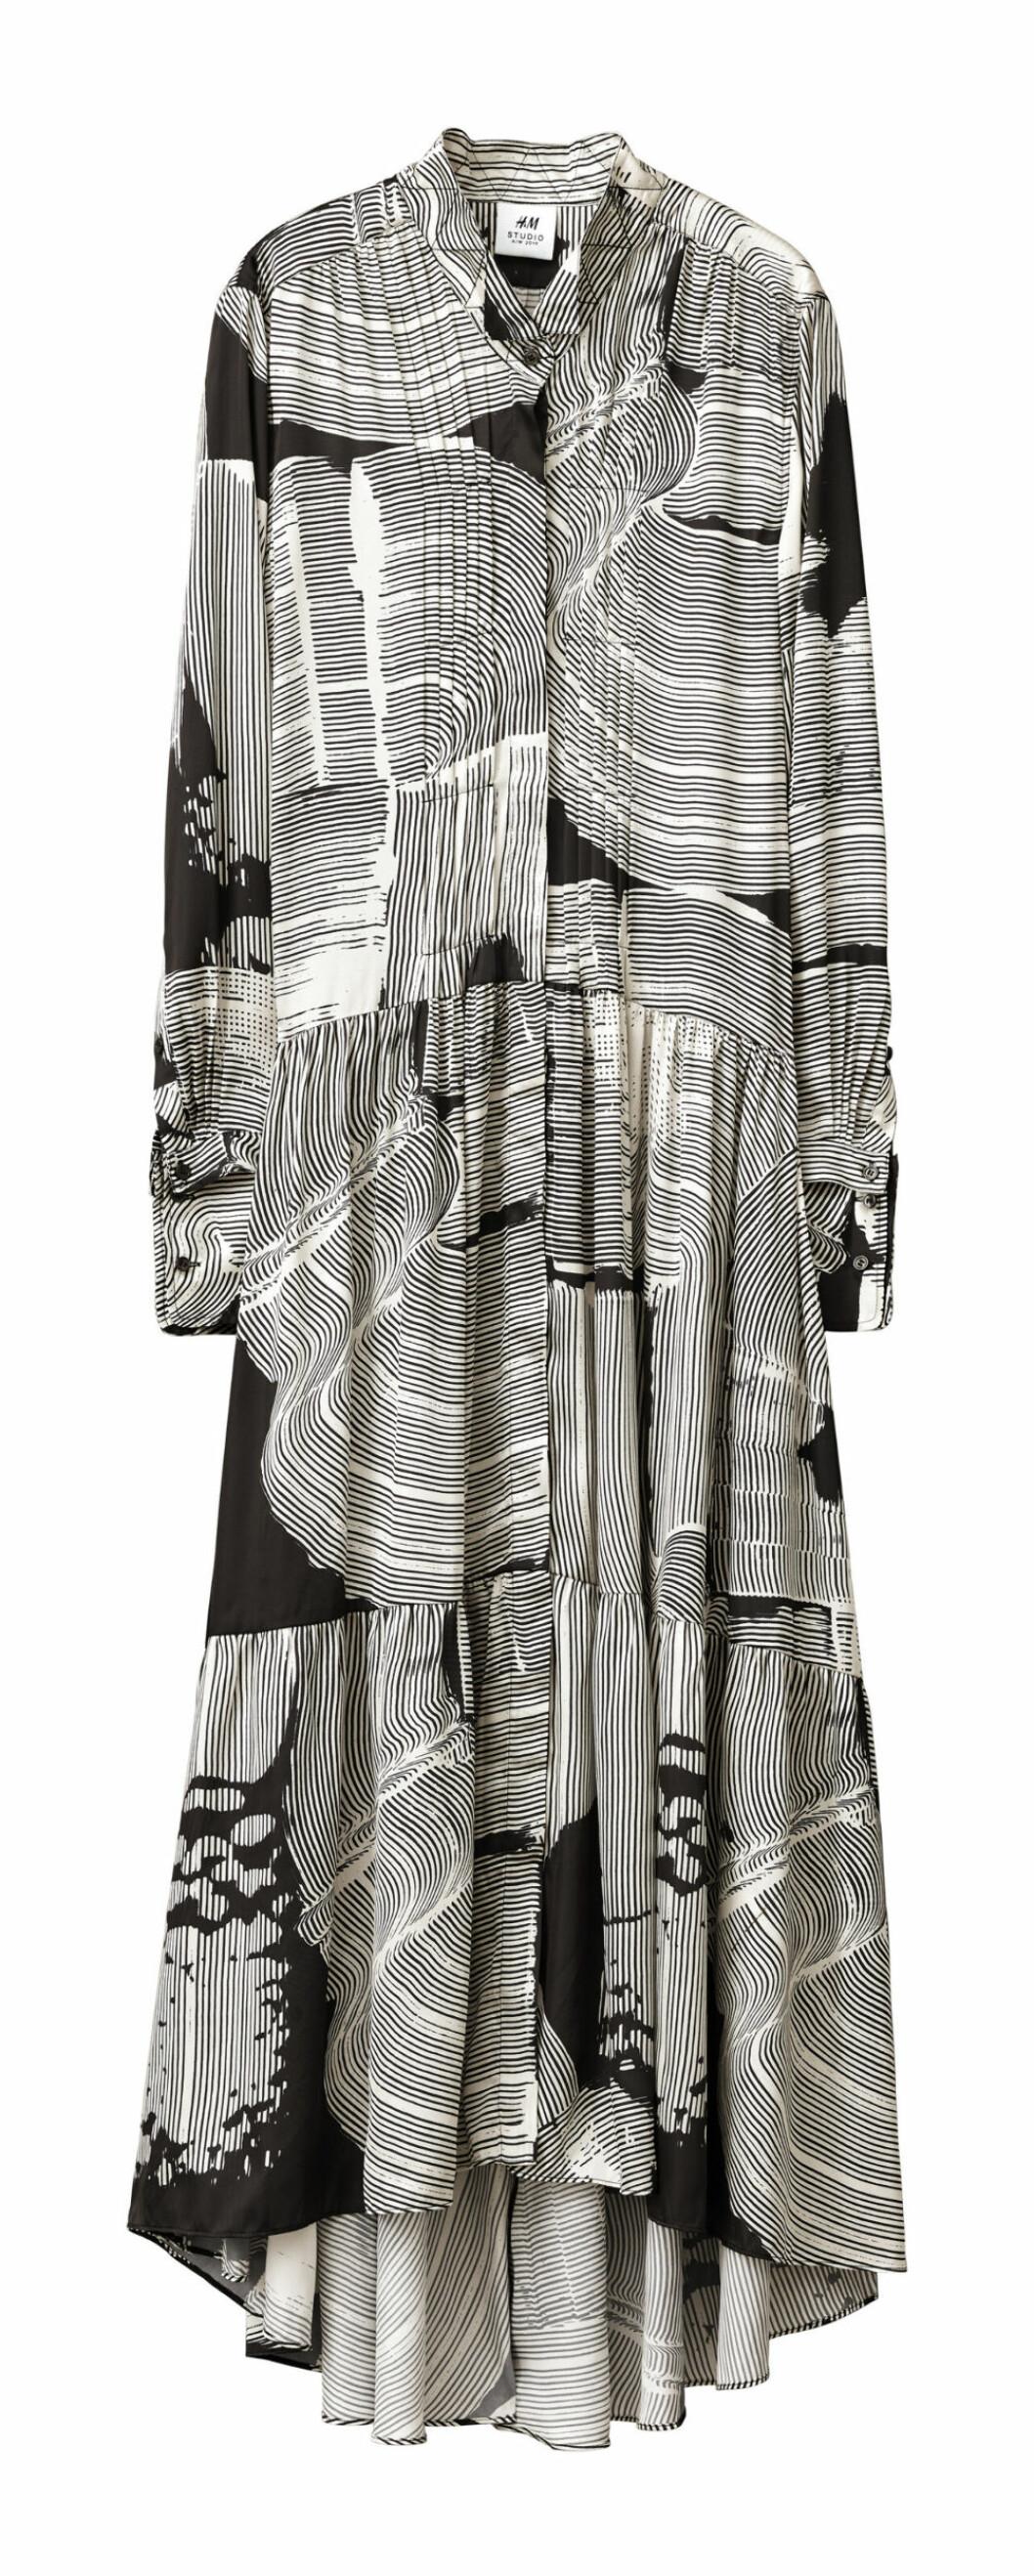 H&M Studio höstkollektion aw 2019 – skjortklänning i mönster